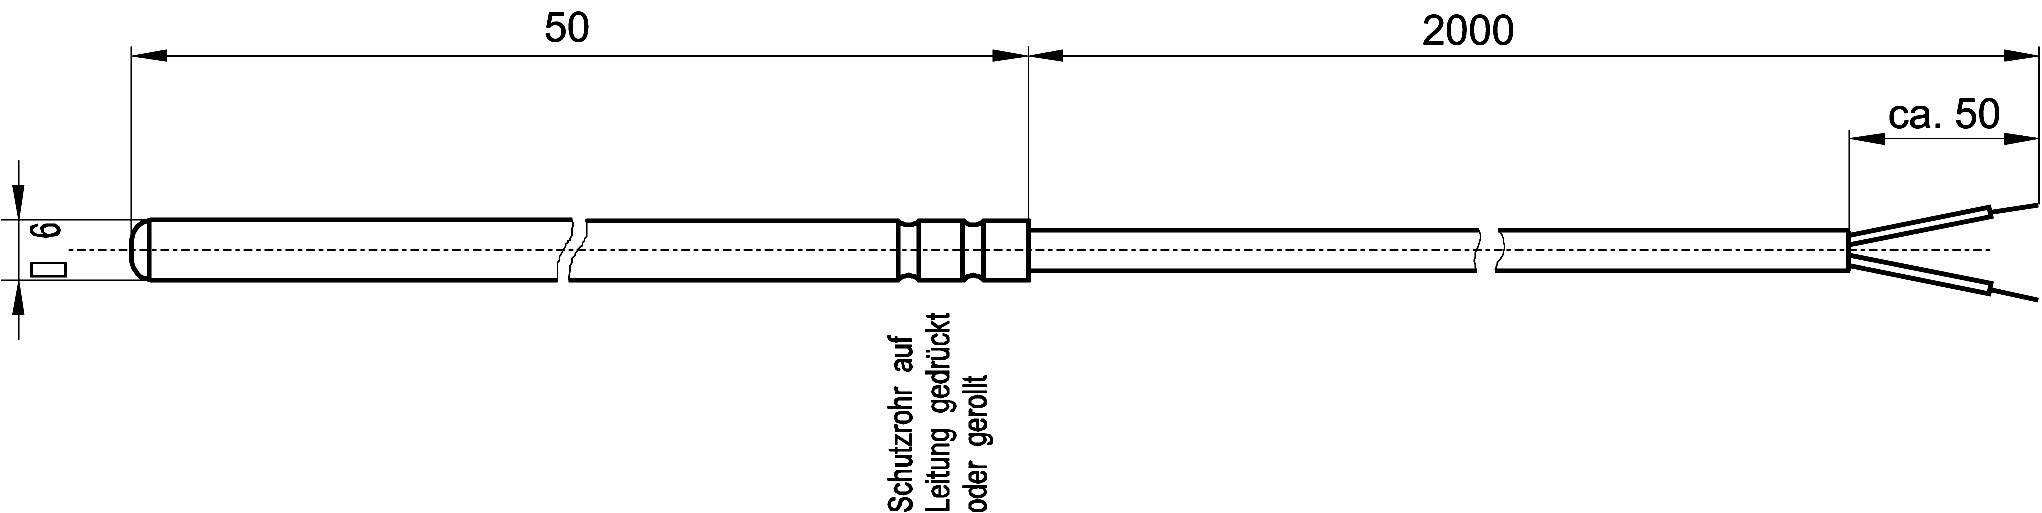 Odporový teploměr Enda K1-Pt100-S-200, podle DIN EN60751, -50 až 200 °C